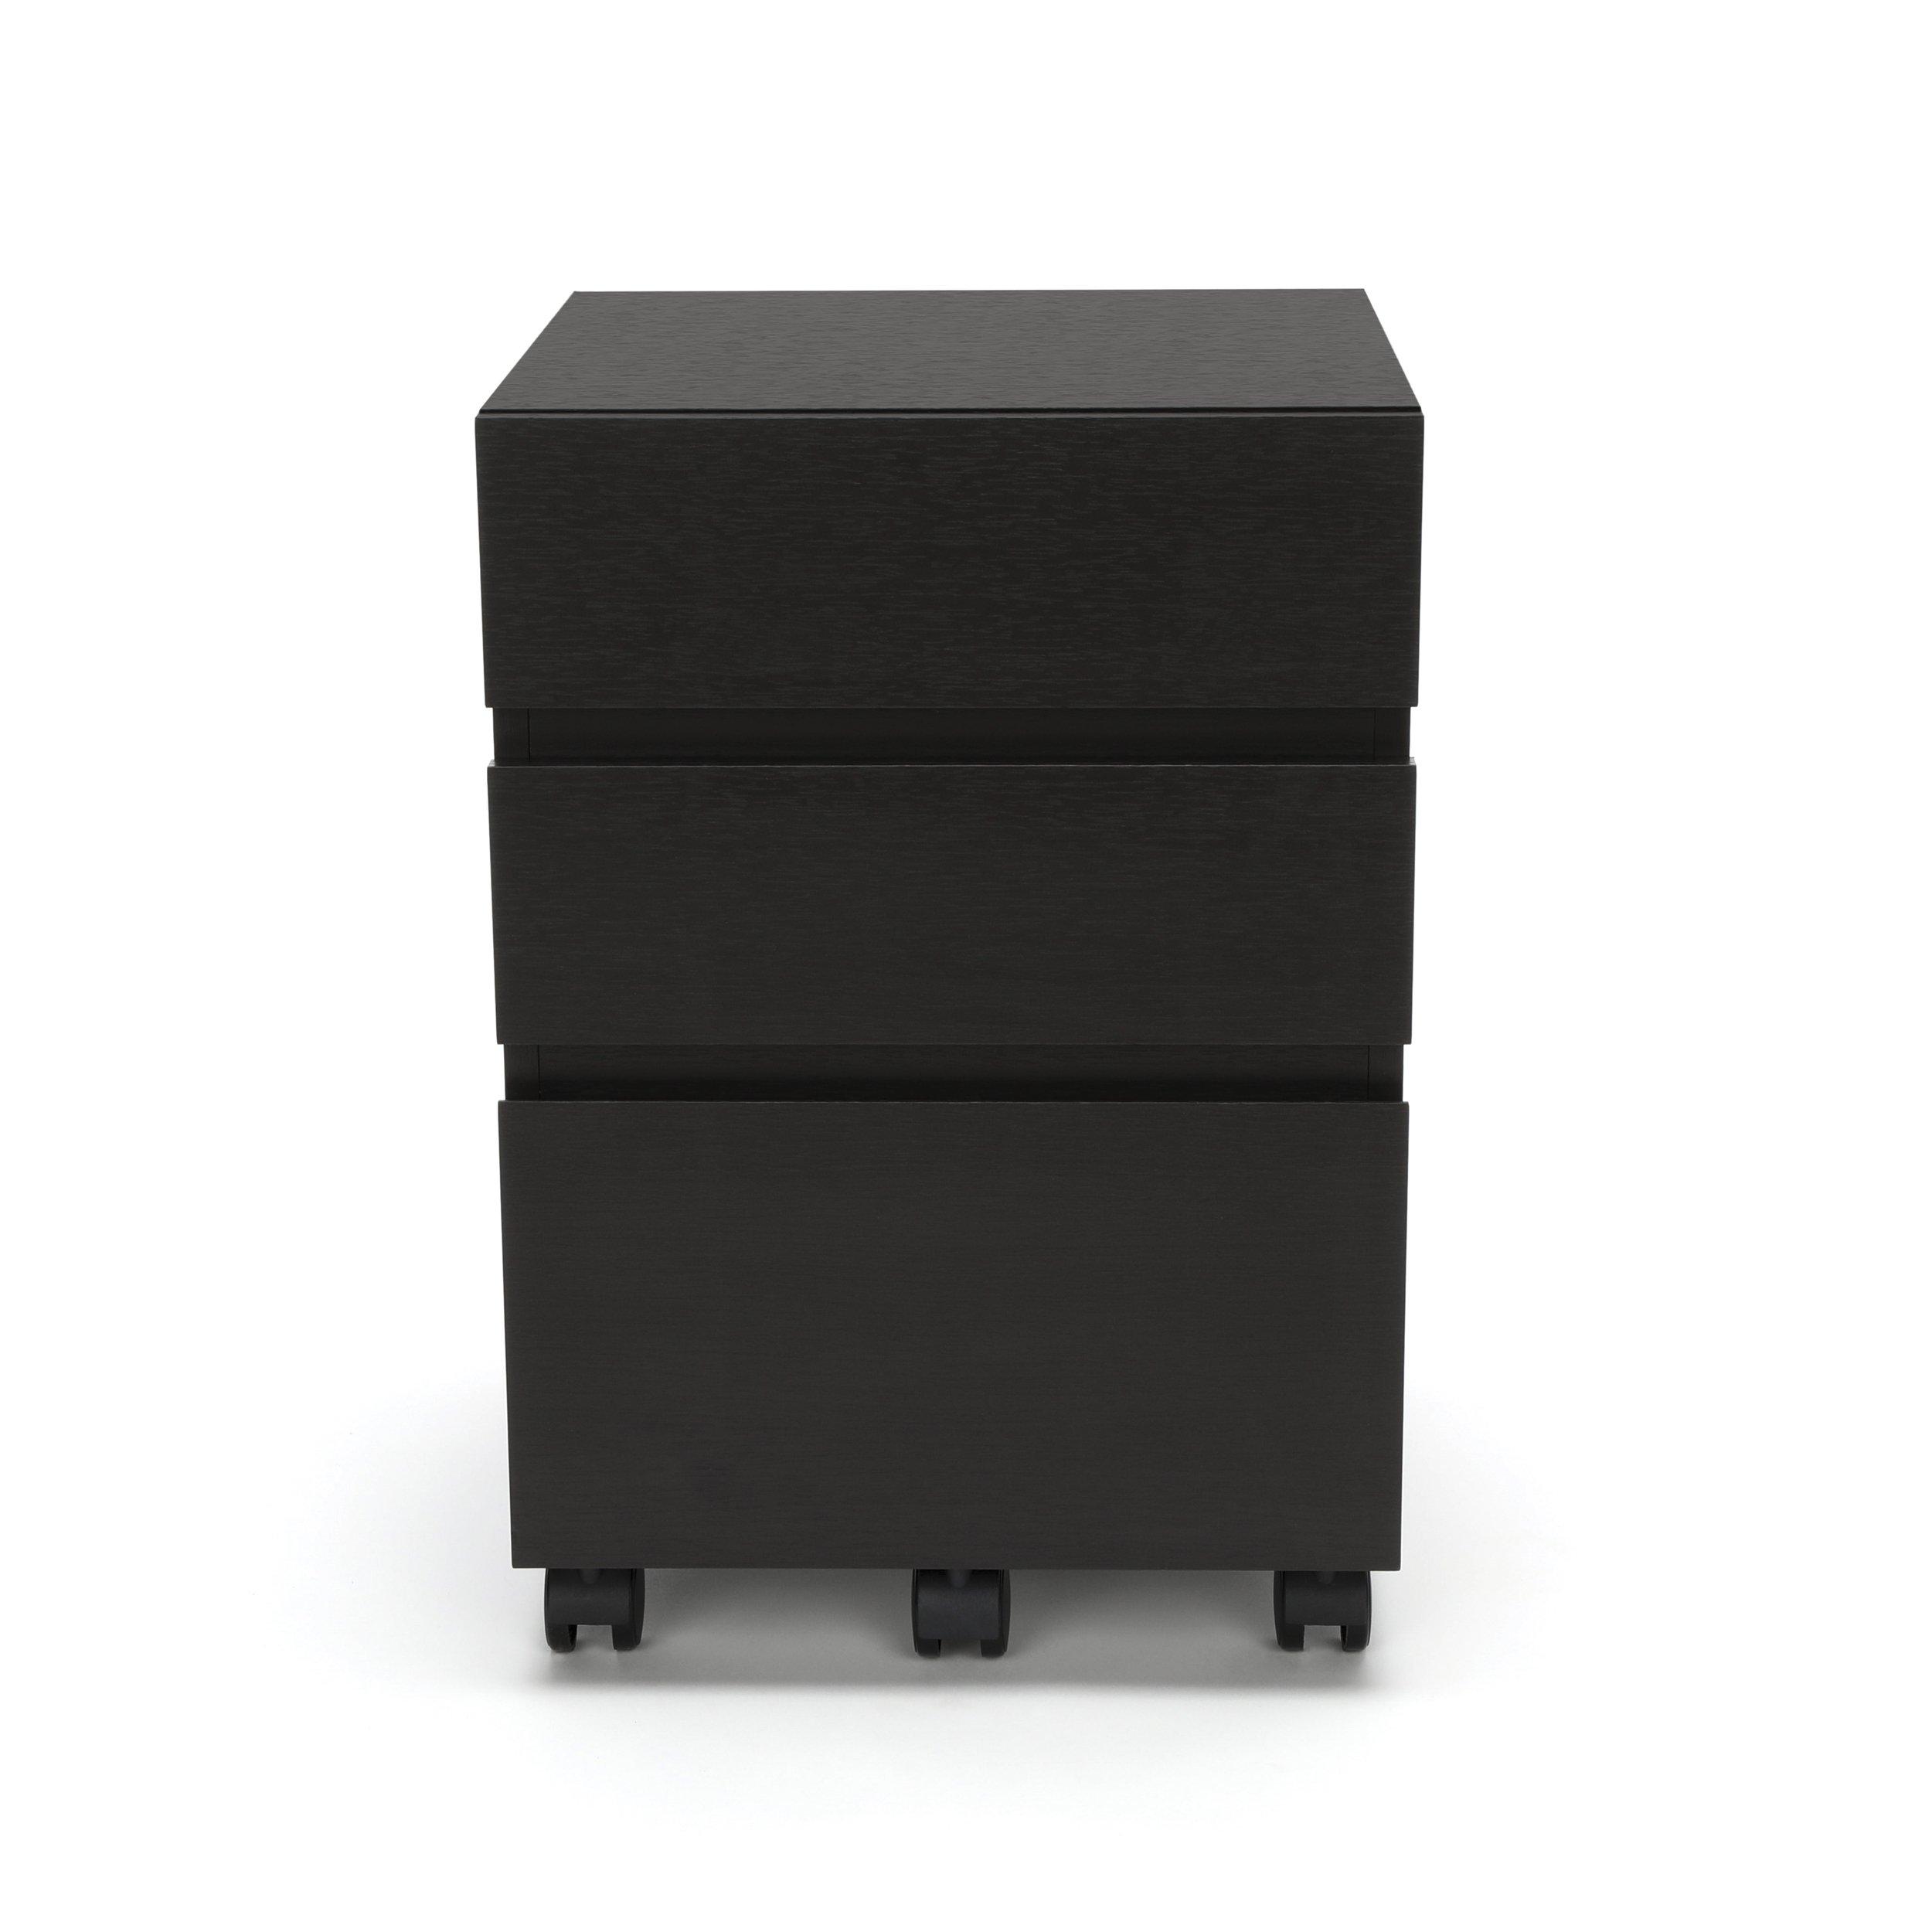 Essentials File Cabinet - 3-Drawer Wheeled Mobile Pedestal Cabinet, Espresso (ESS-1030-ESP) by OFM (Image #3)